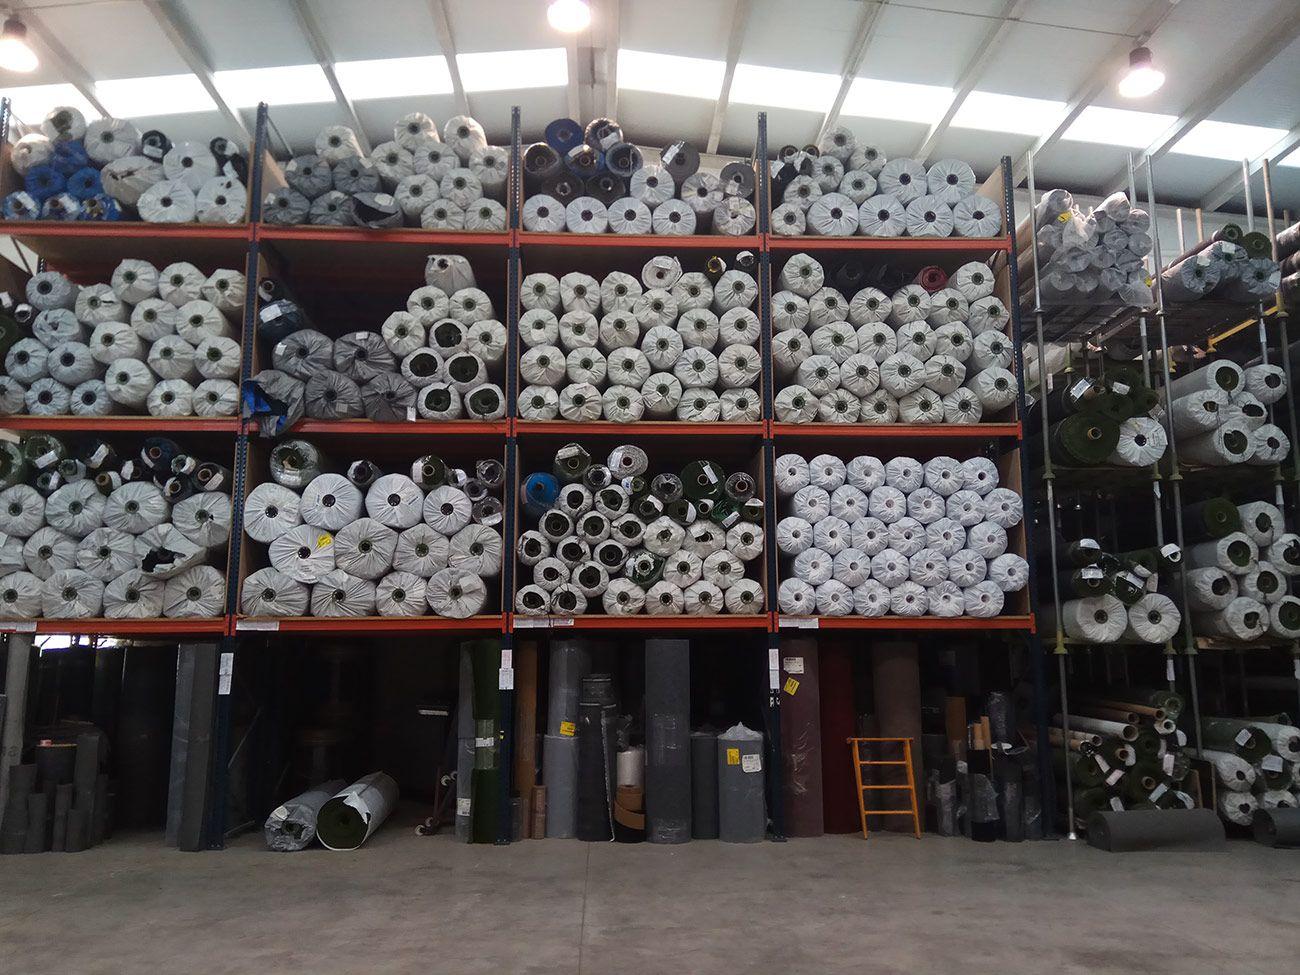 racks for 4 meter wide rolls